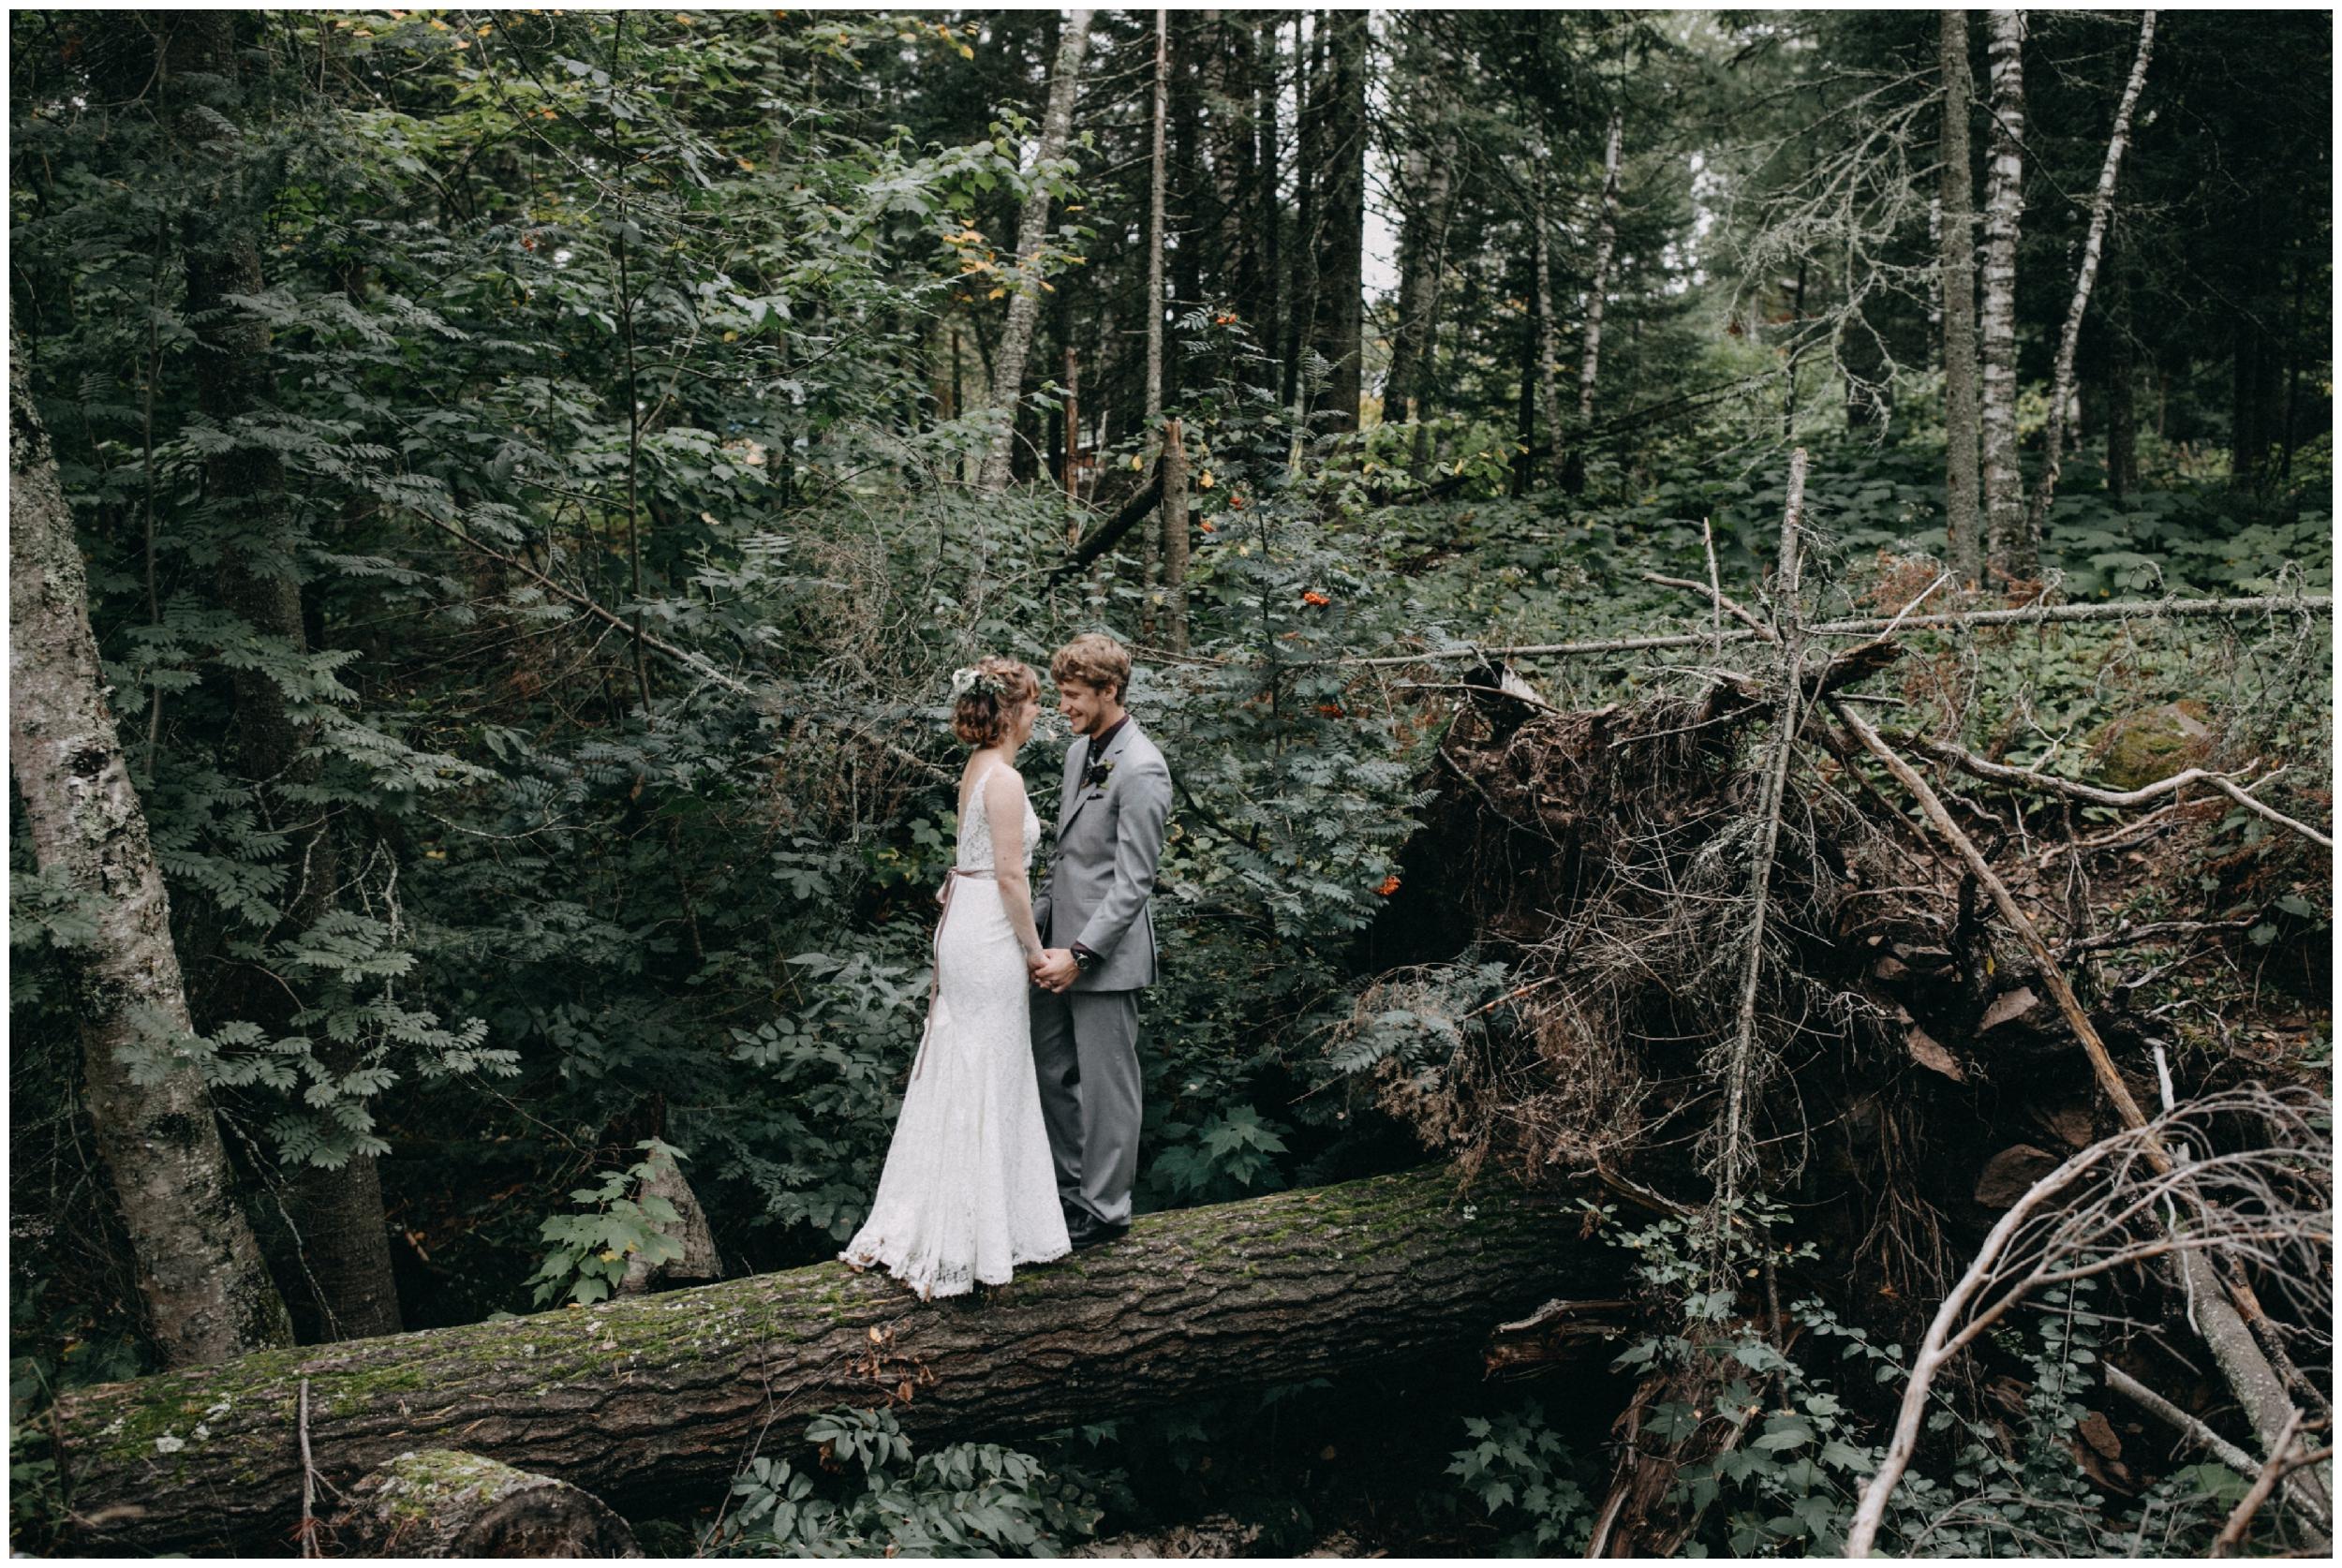 Forest wedding in Duluth Minnesota photographed by Britt DeZeeuw